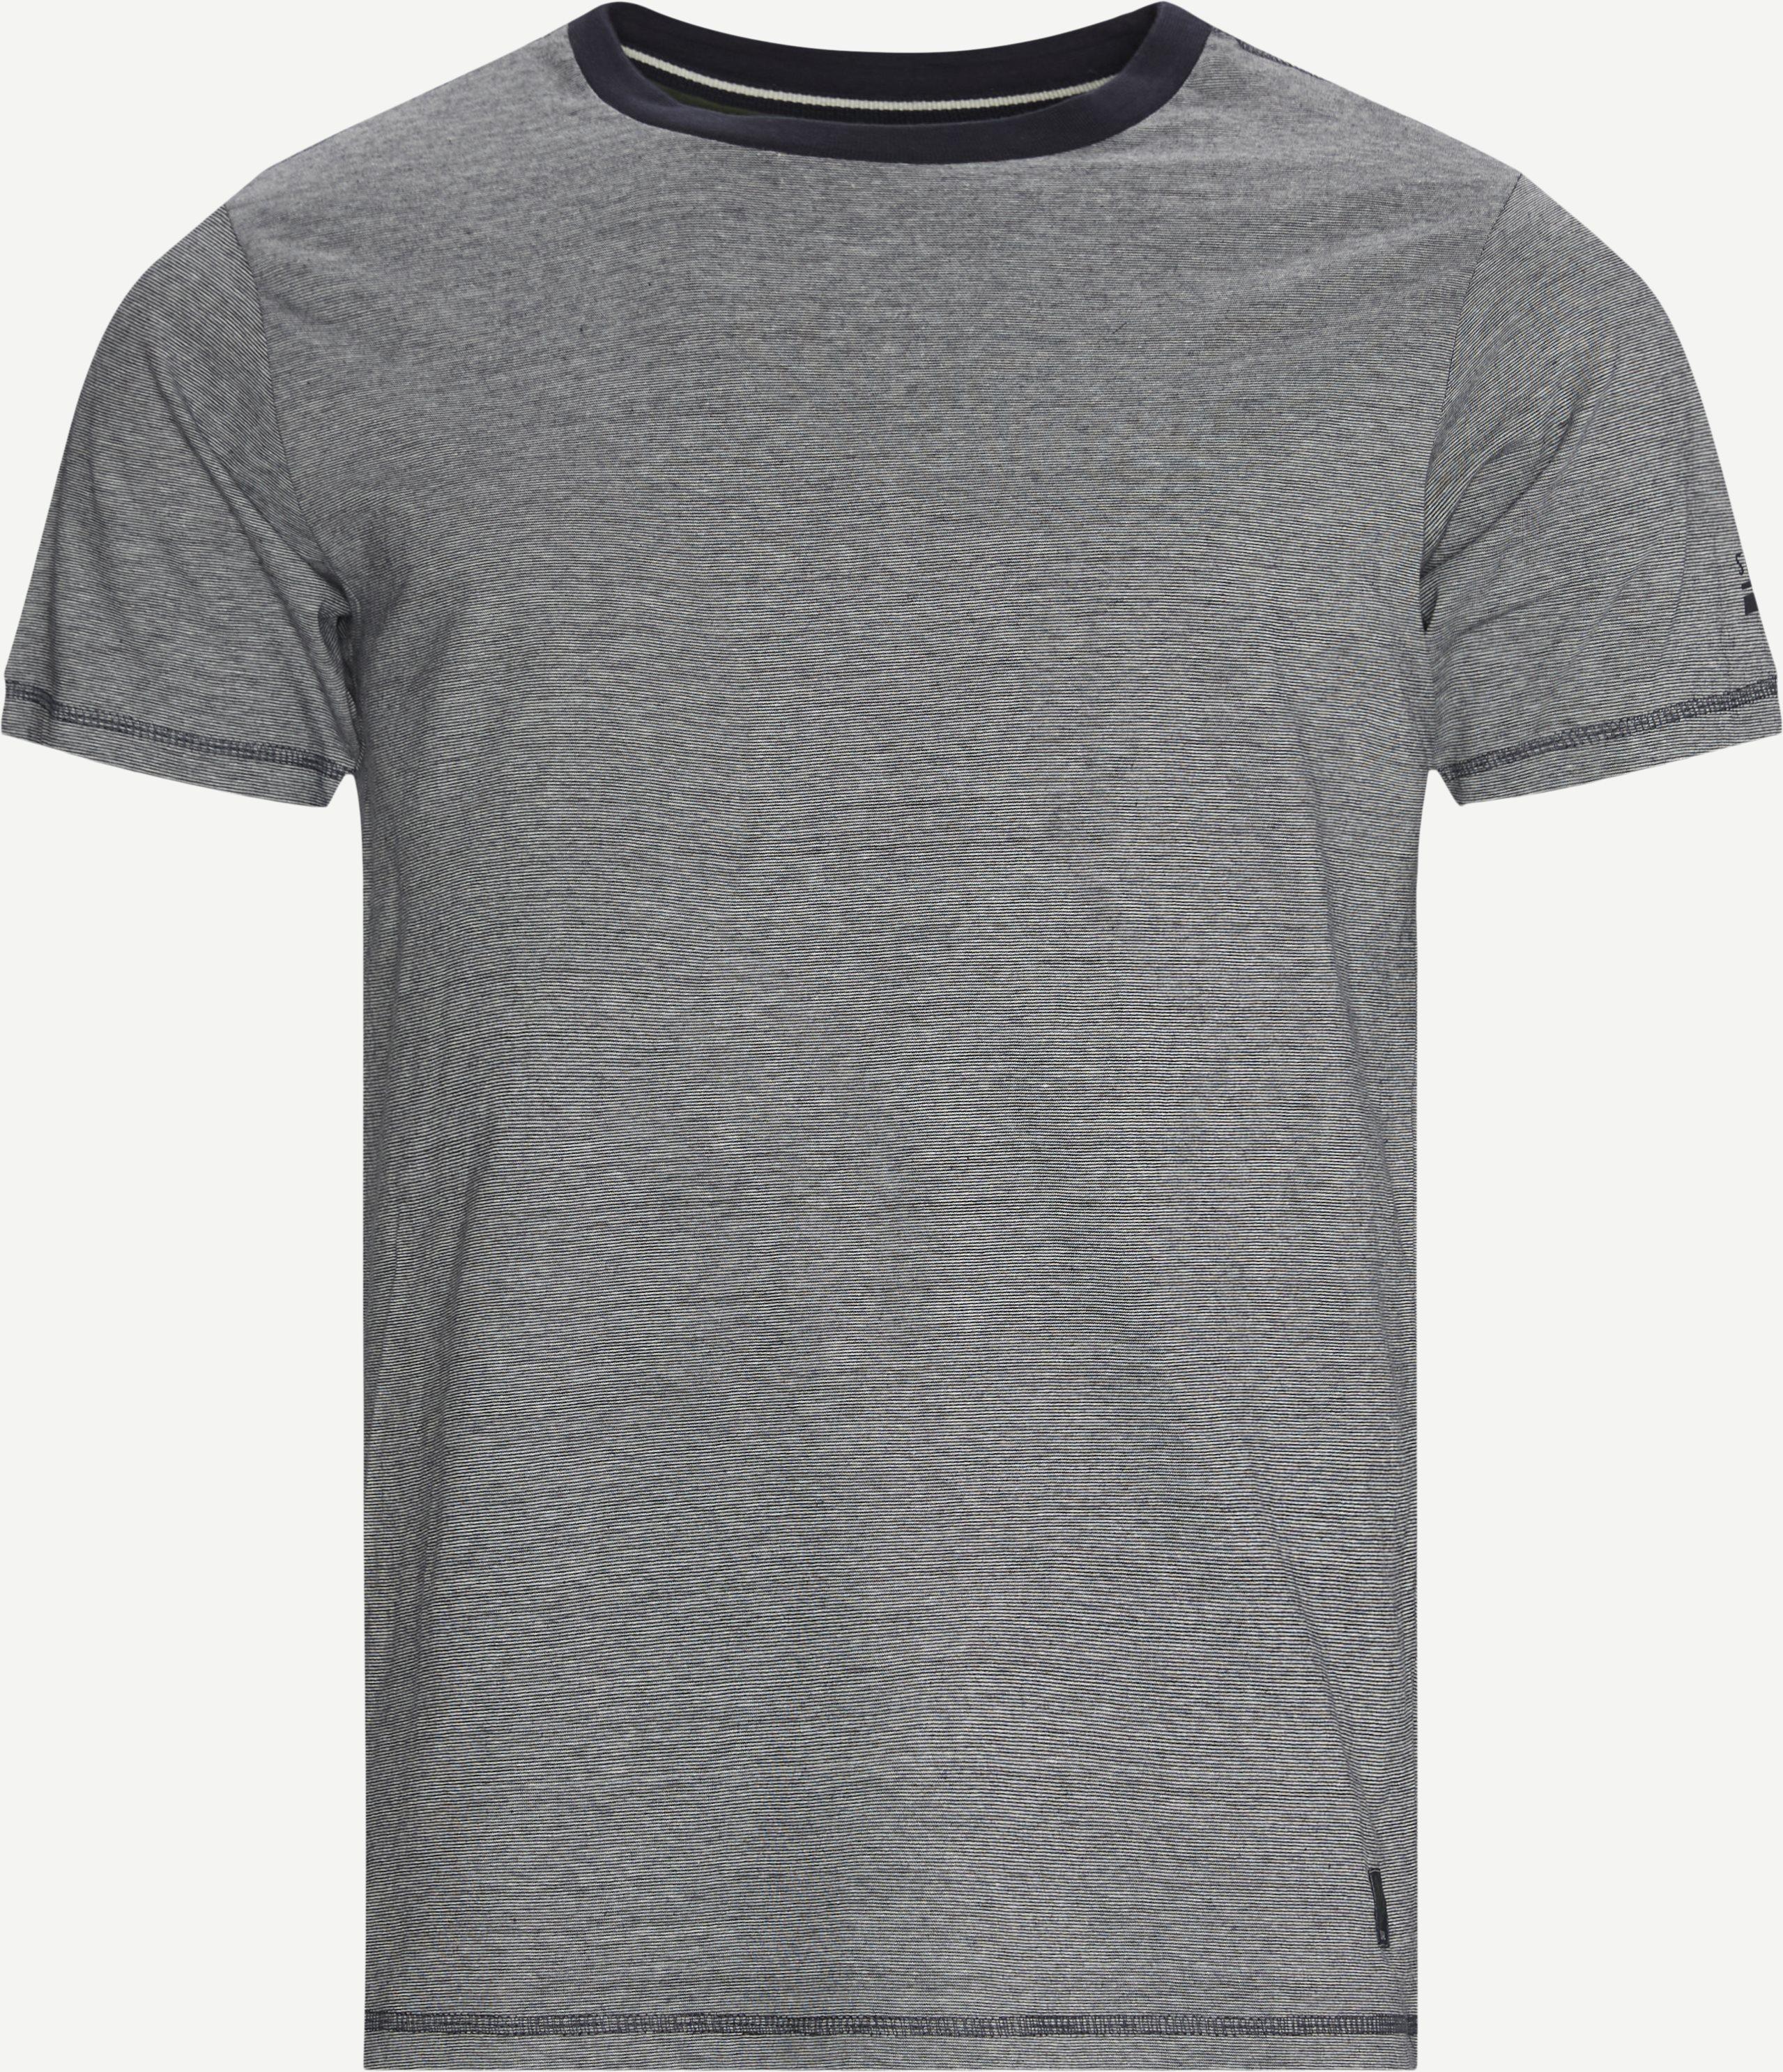 13055 1600 T-shirt - T-shirts - Regular - Blå